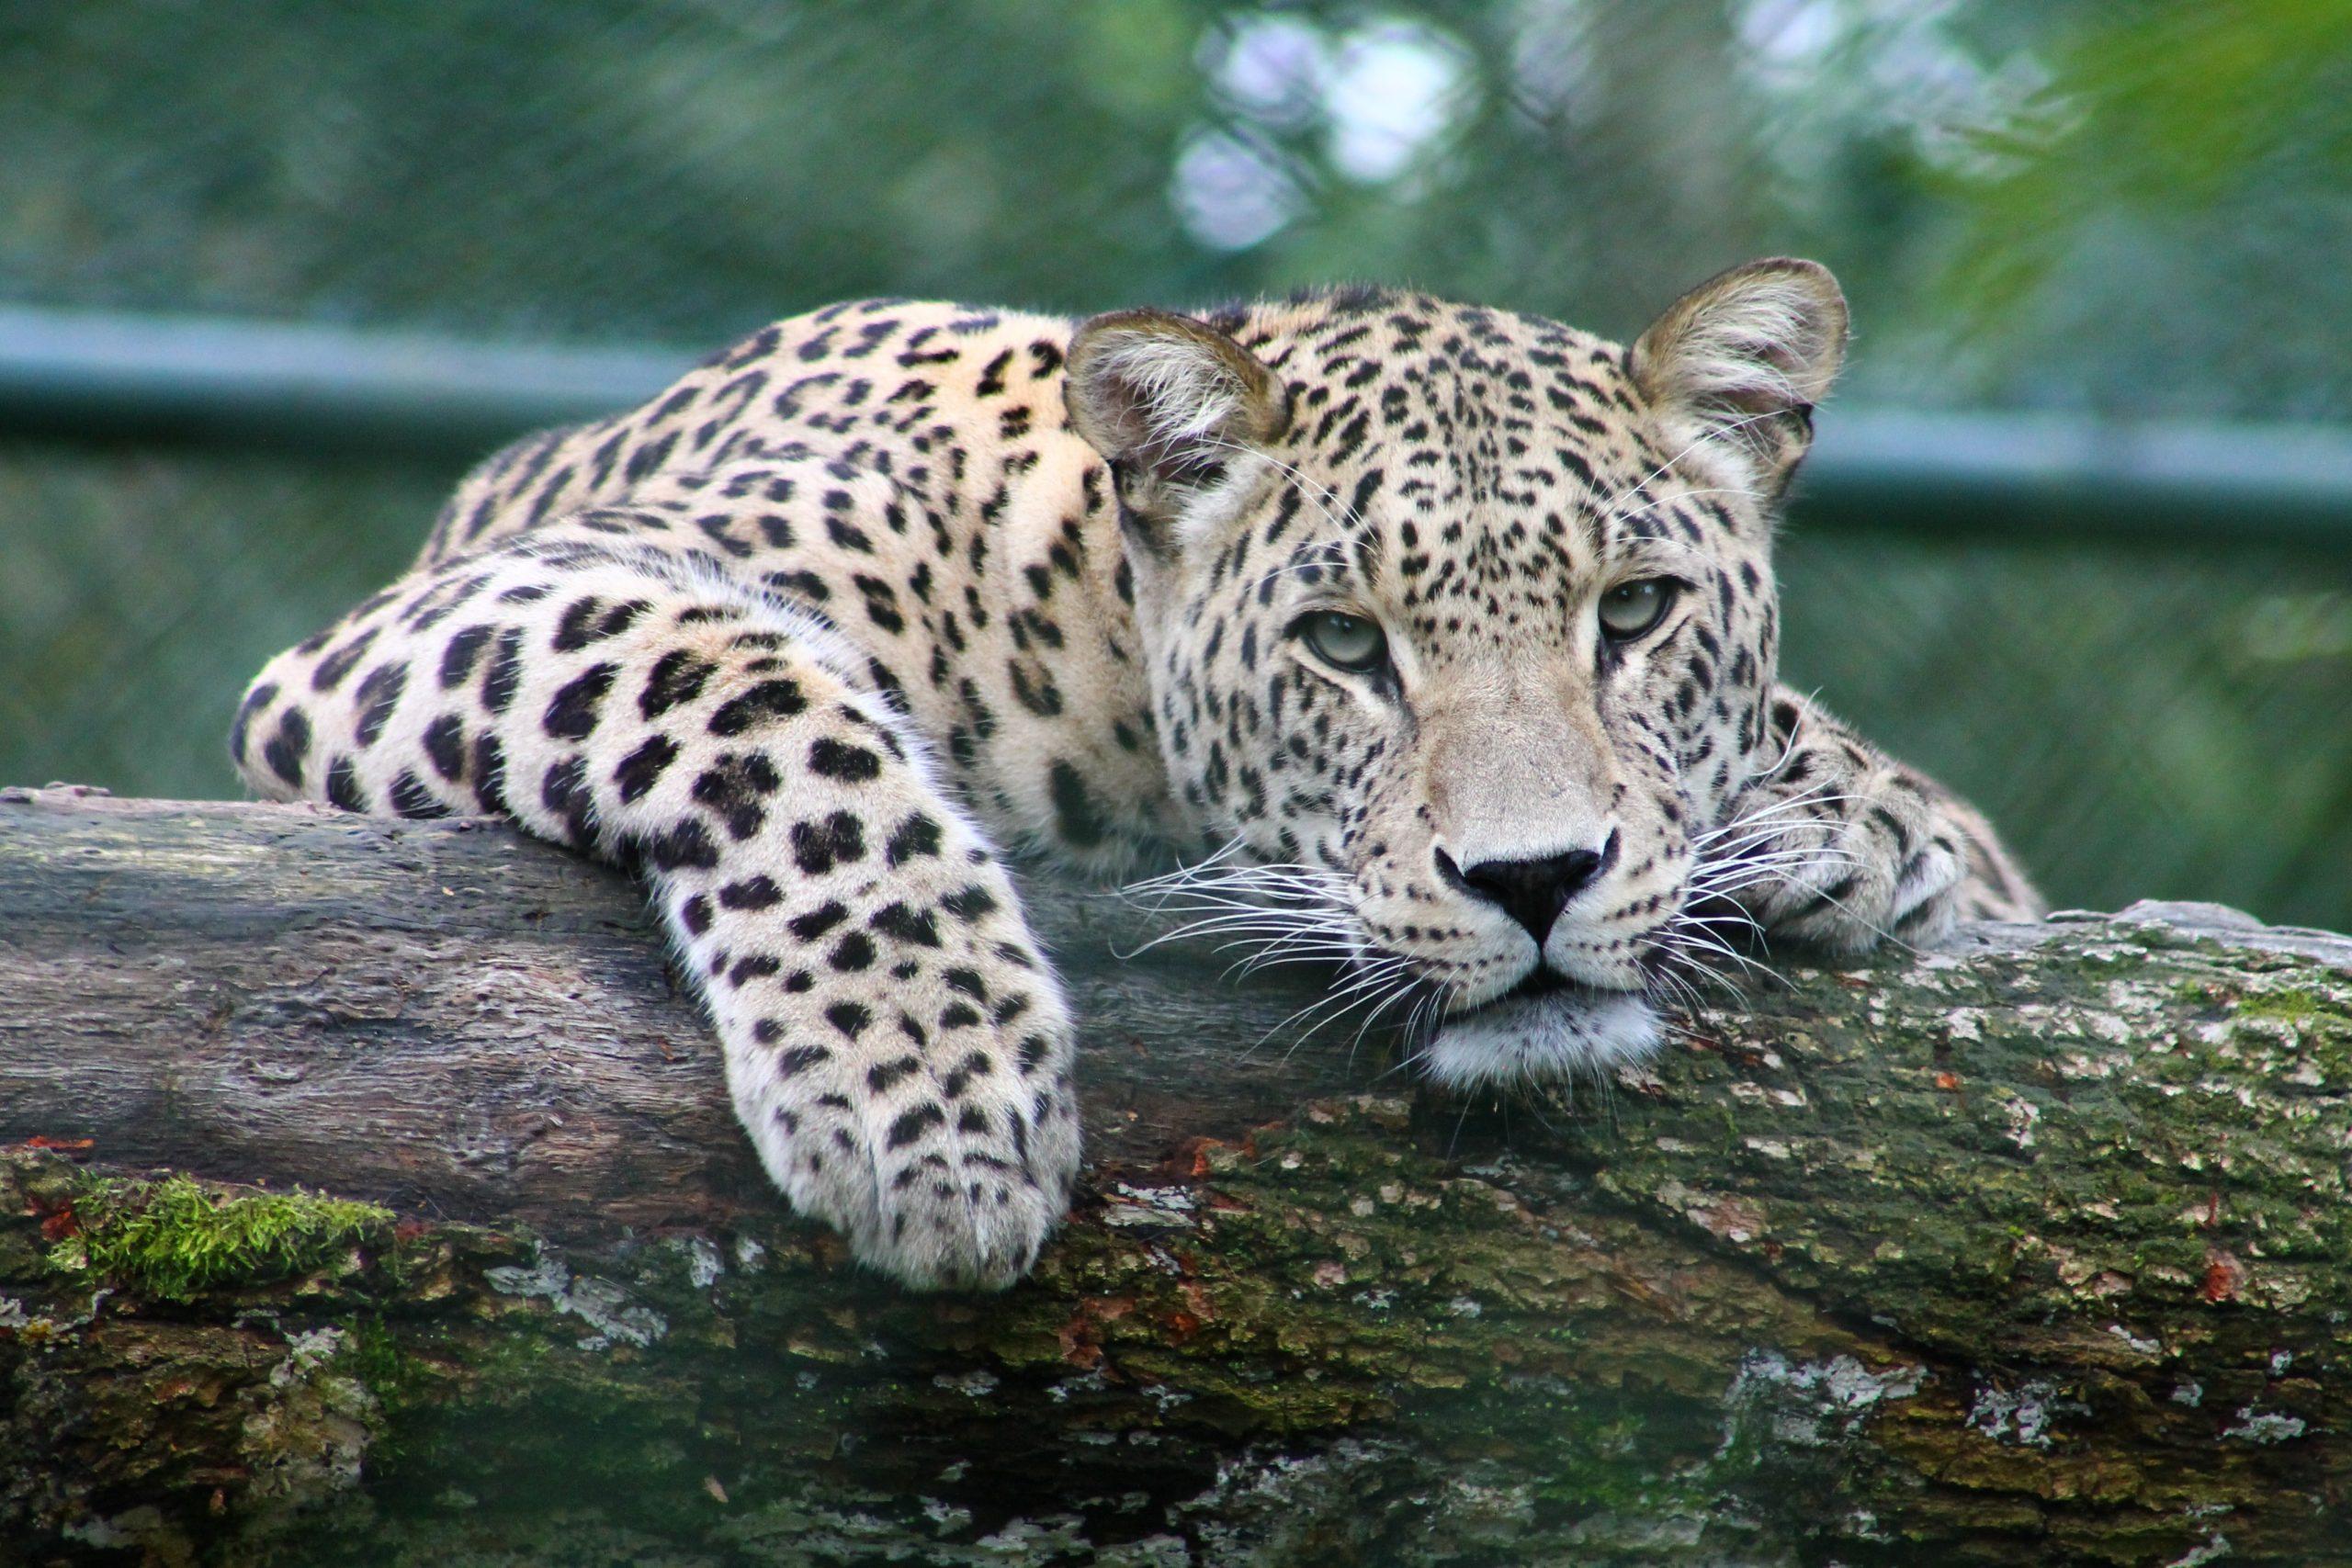 wallpaper Peeking leopard